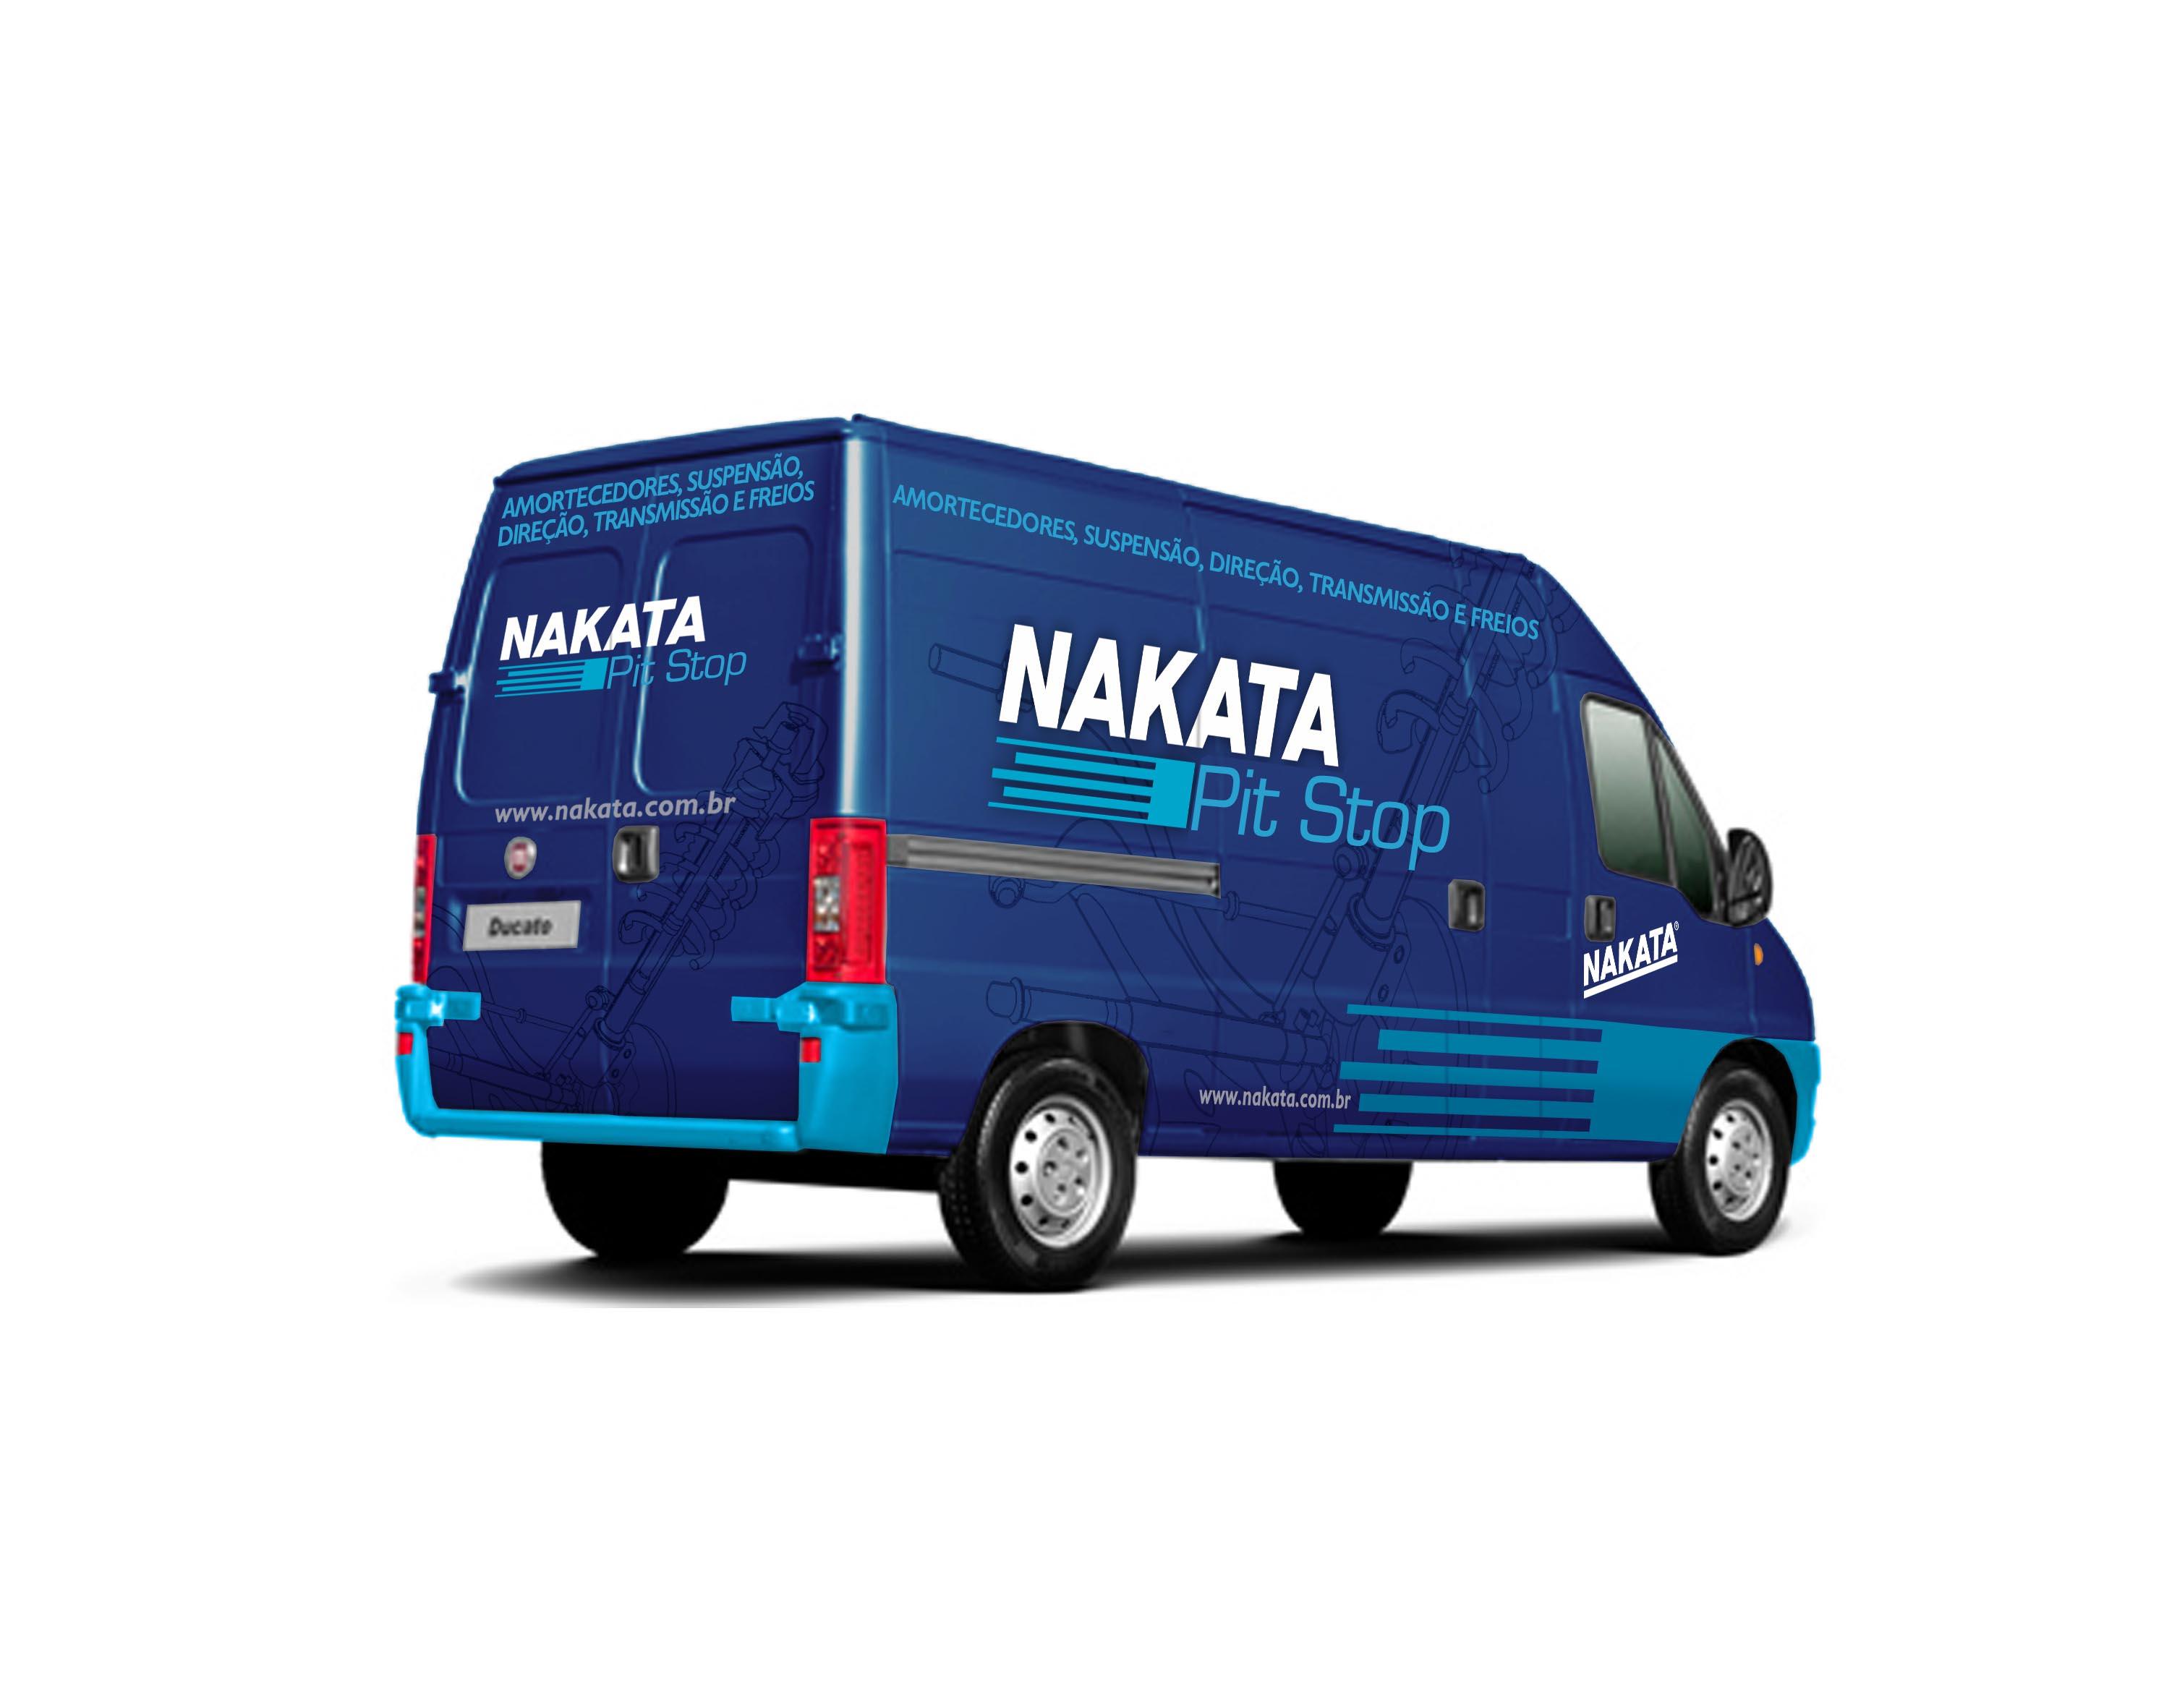 Nakata faz avaliação gratuita de amortecedores em cidades do Paraná